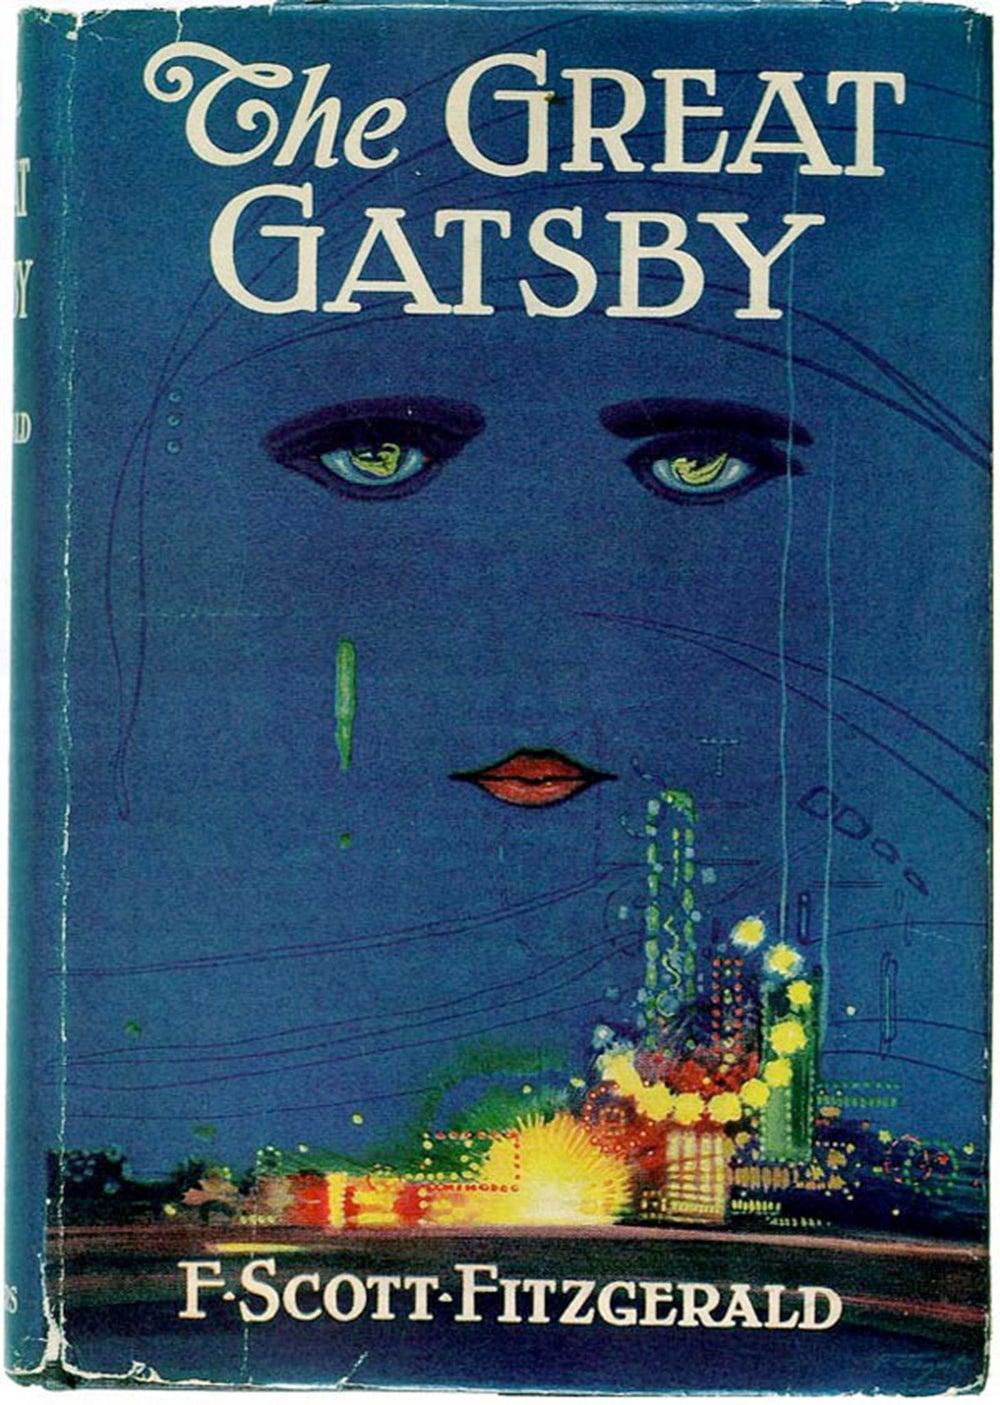 Der große Gatsby - F Scott Fitzgerald